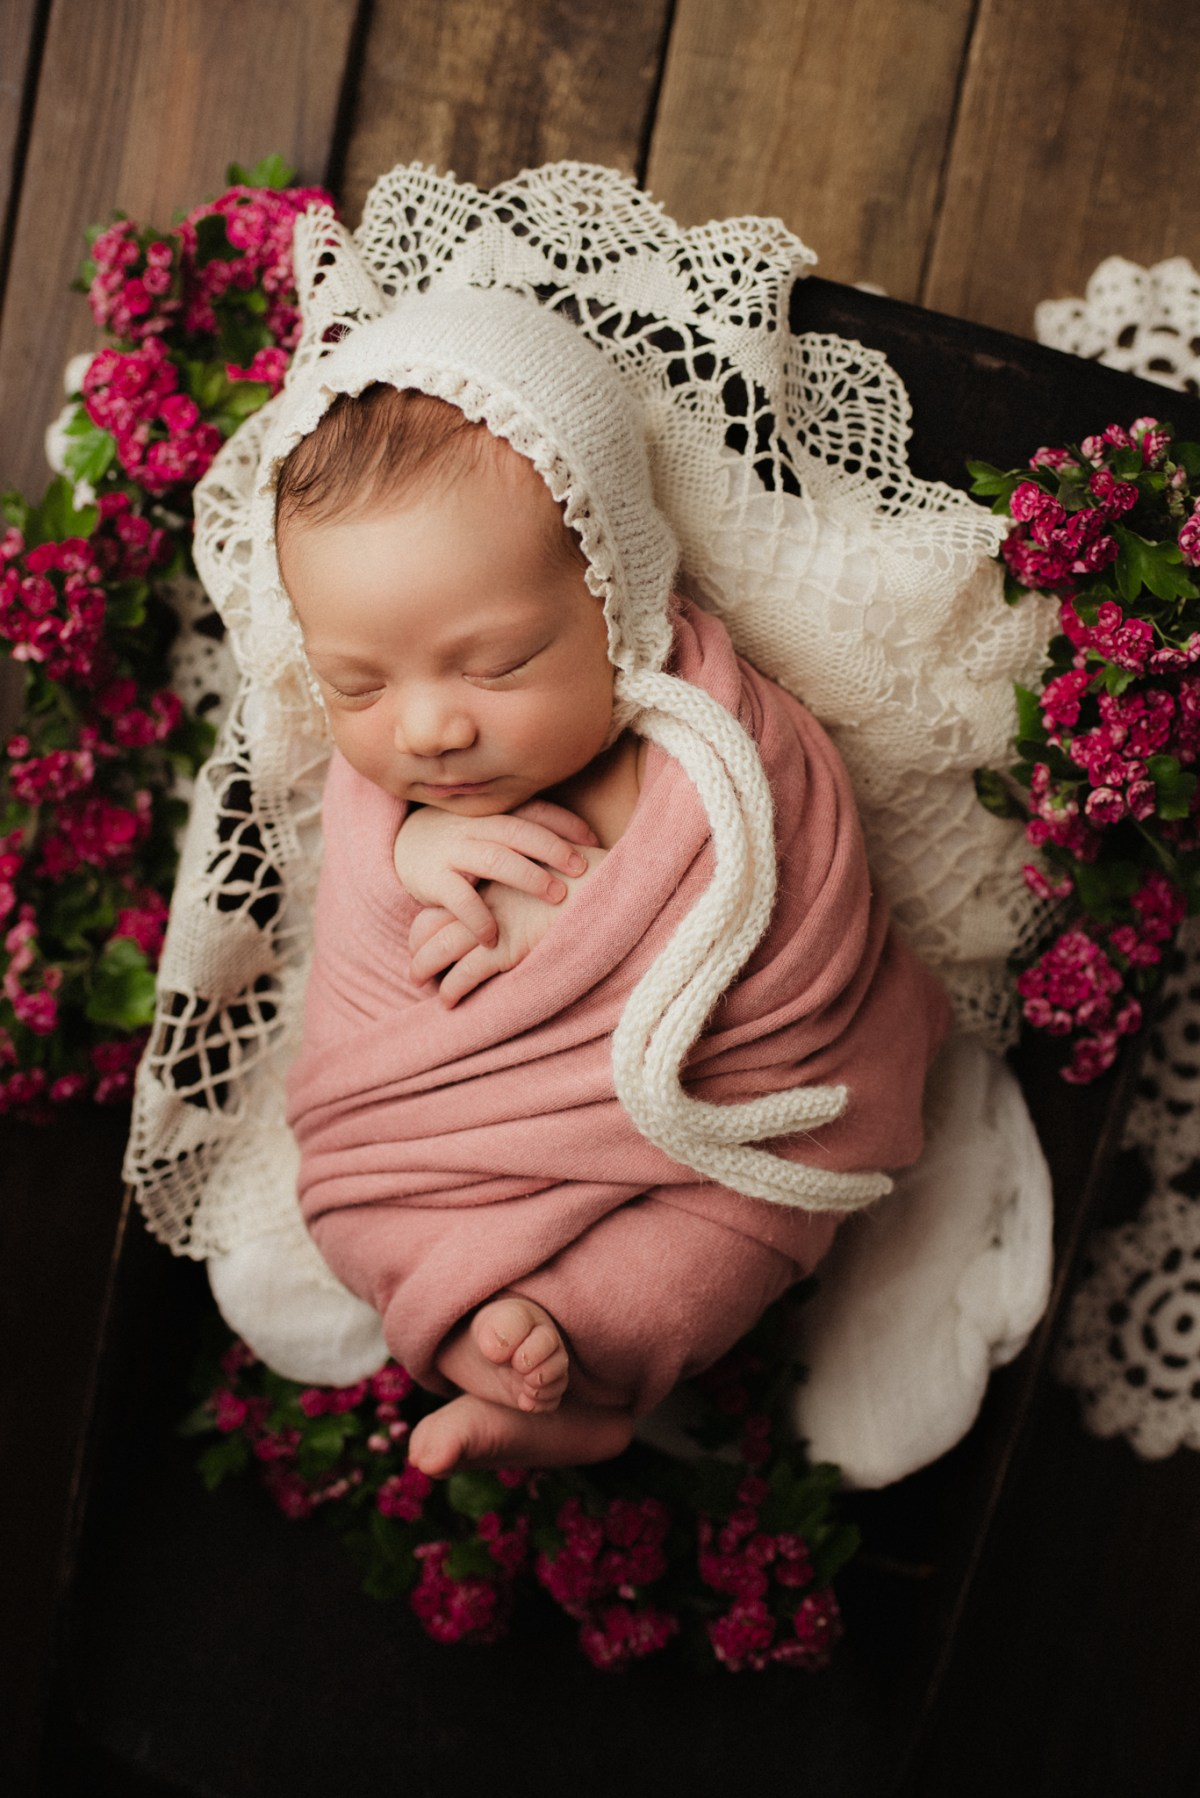 Nyföddfotografering Stockholm - Celine 2